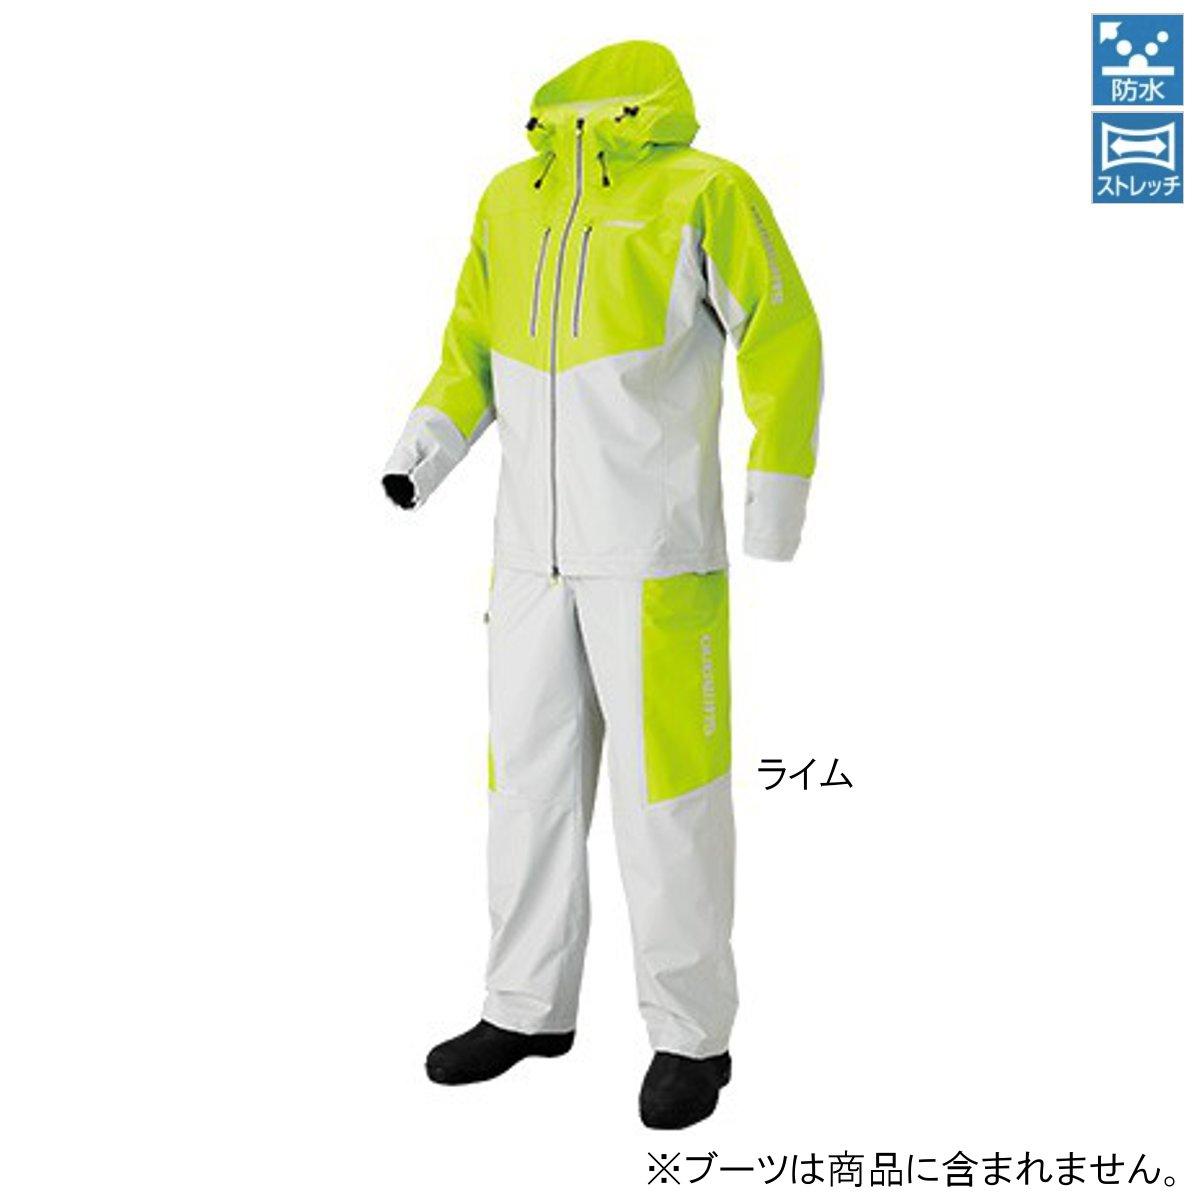 【8/1-2は夏の陣!最大P47倍!】シマノ マリンライトスーツ RA-034N M ライム(東日本店)